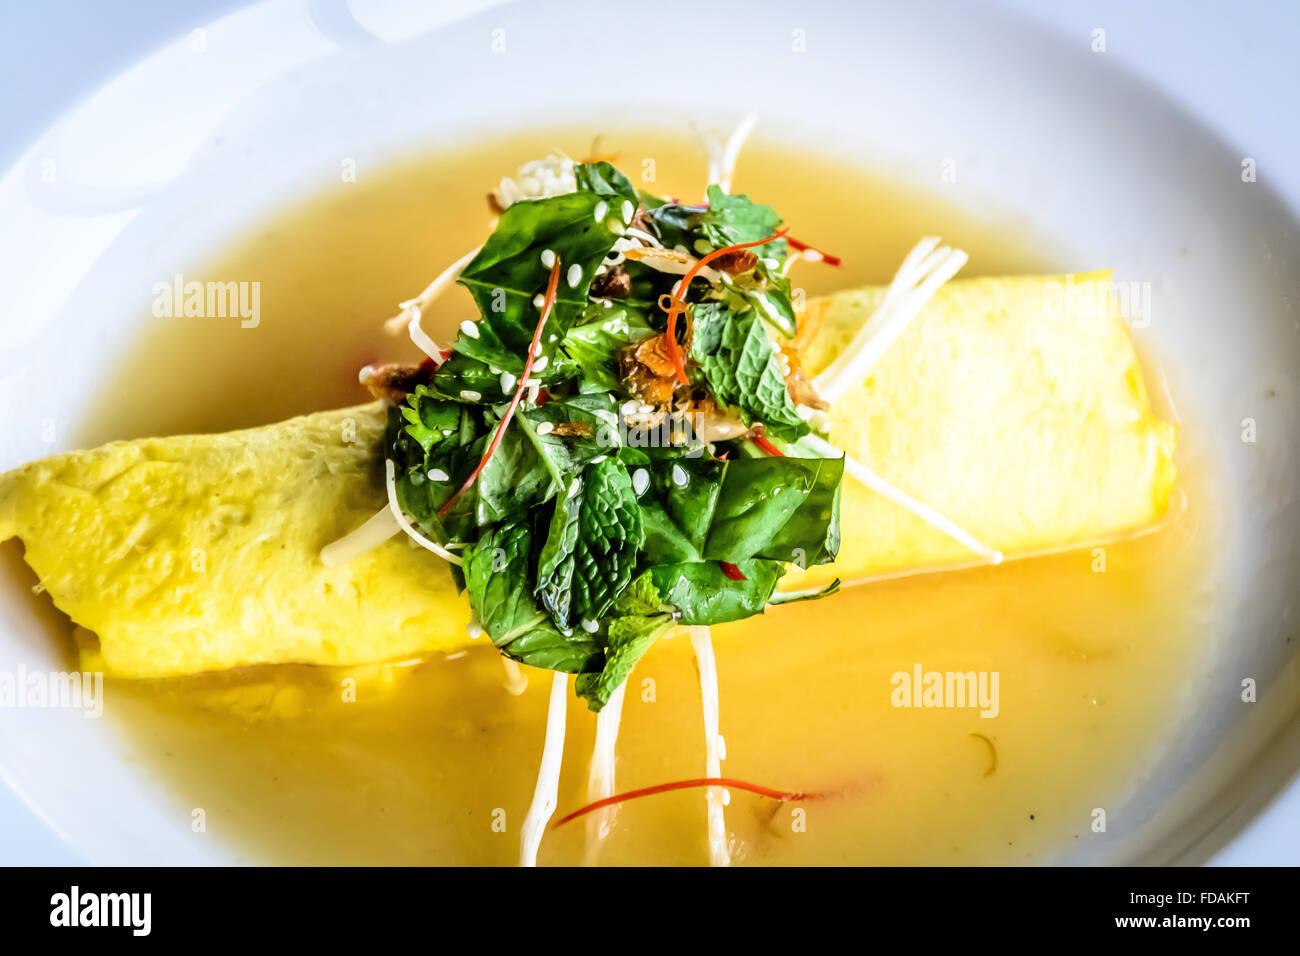 Sydney Crab Omelette, Enoki Mushroom, and Herb Salad, Miso Mustard Broth - Stock Image